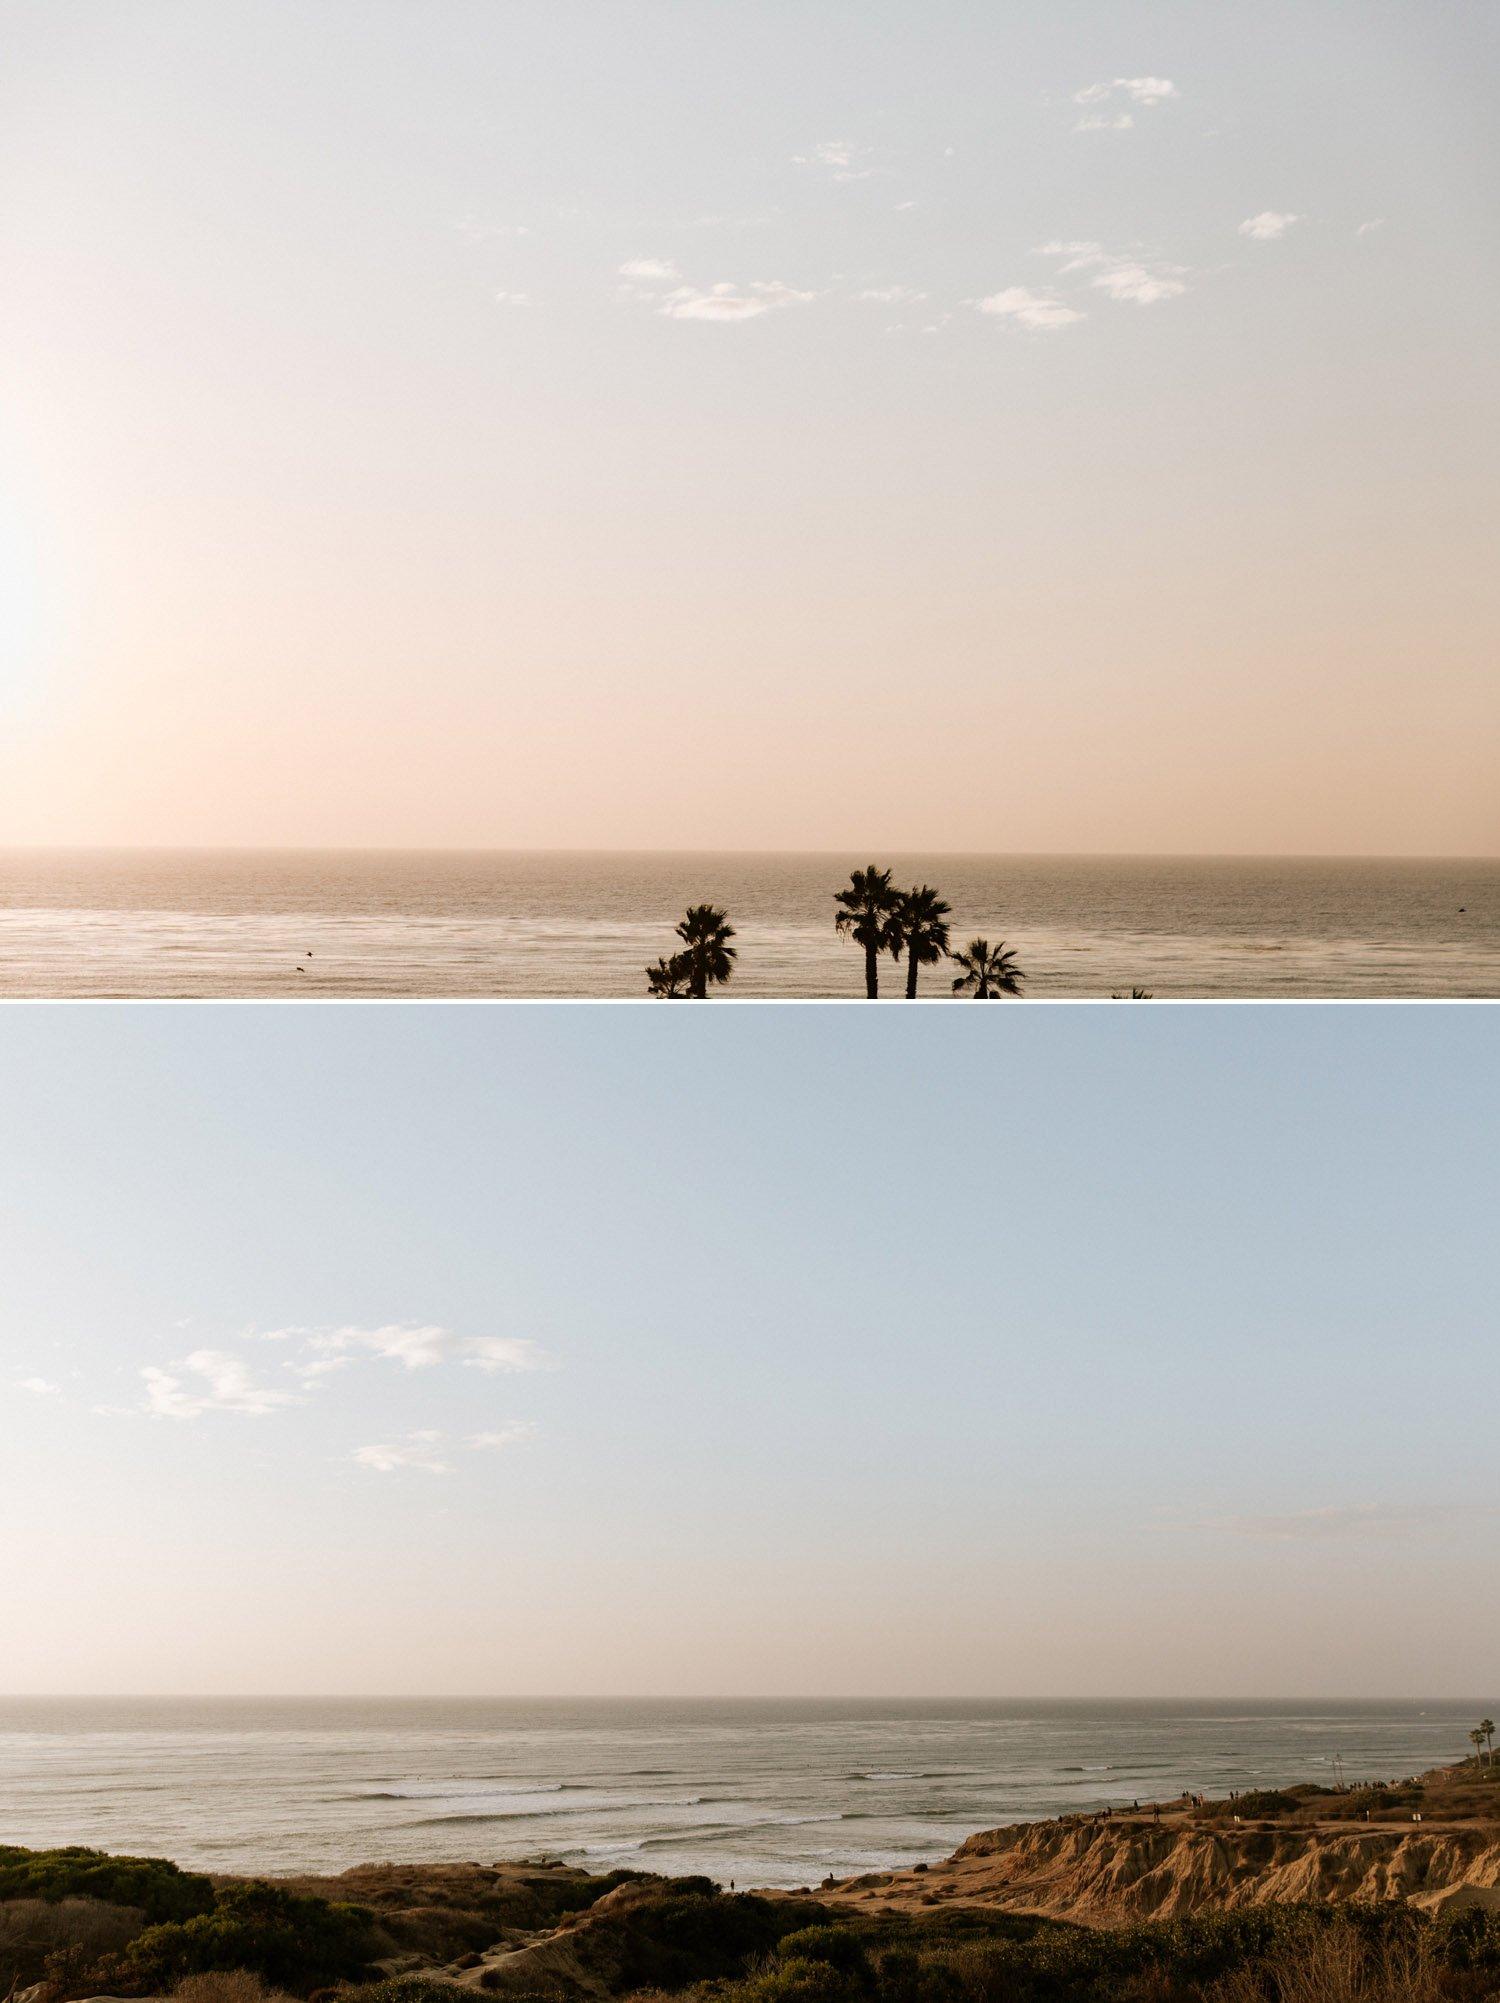 Sunset Cliffs in San Diego